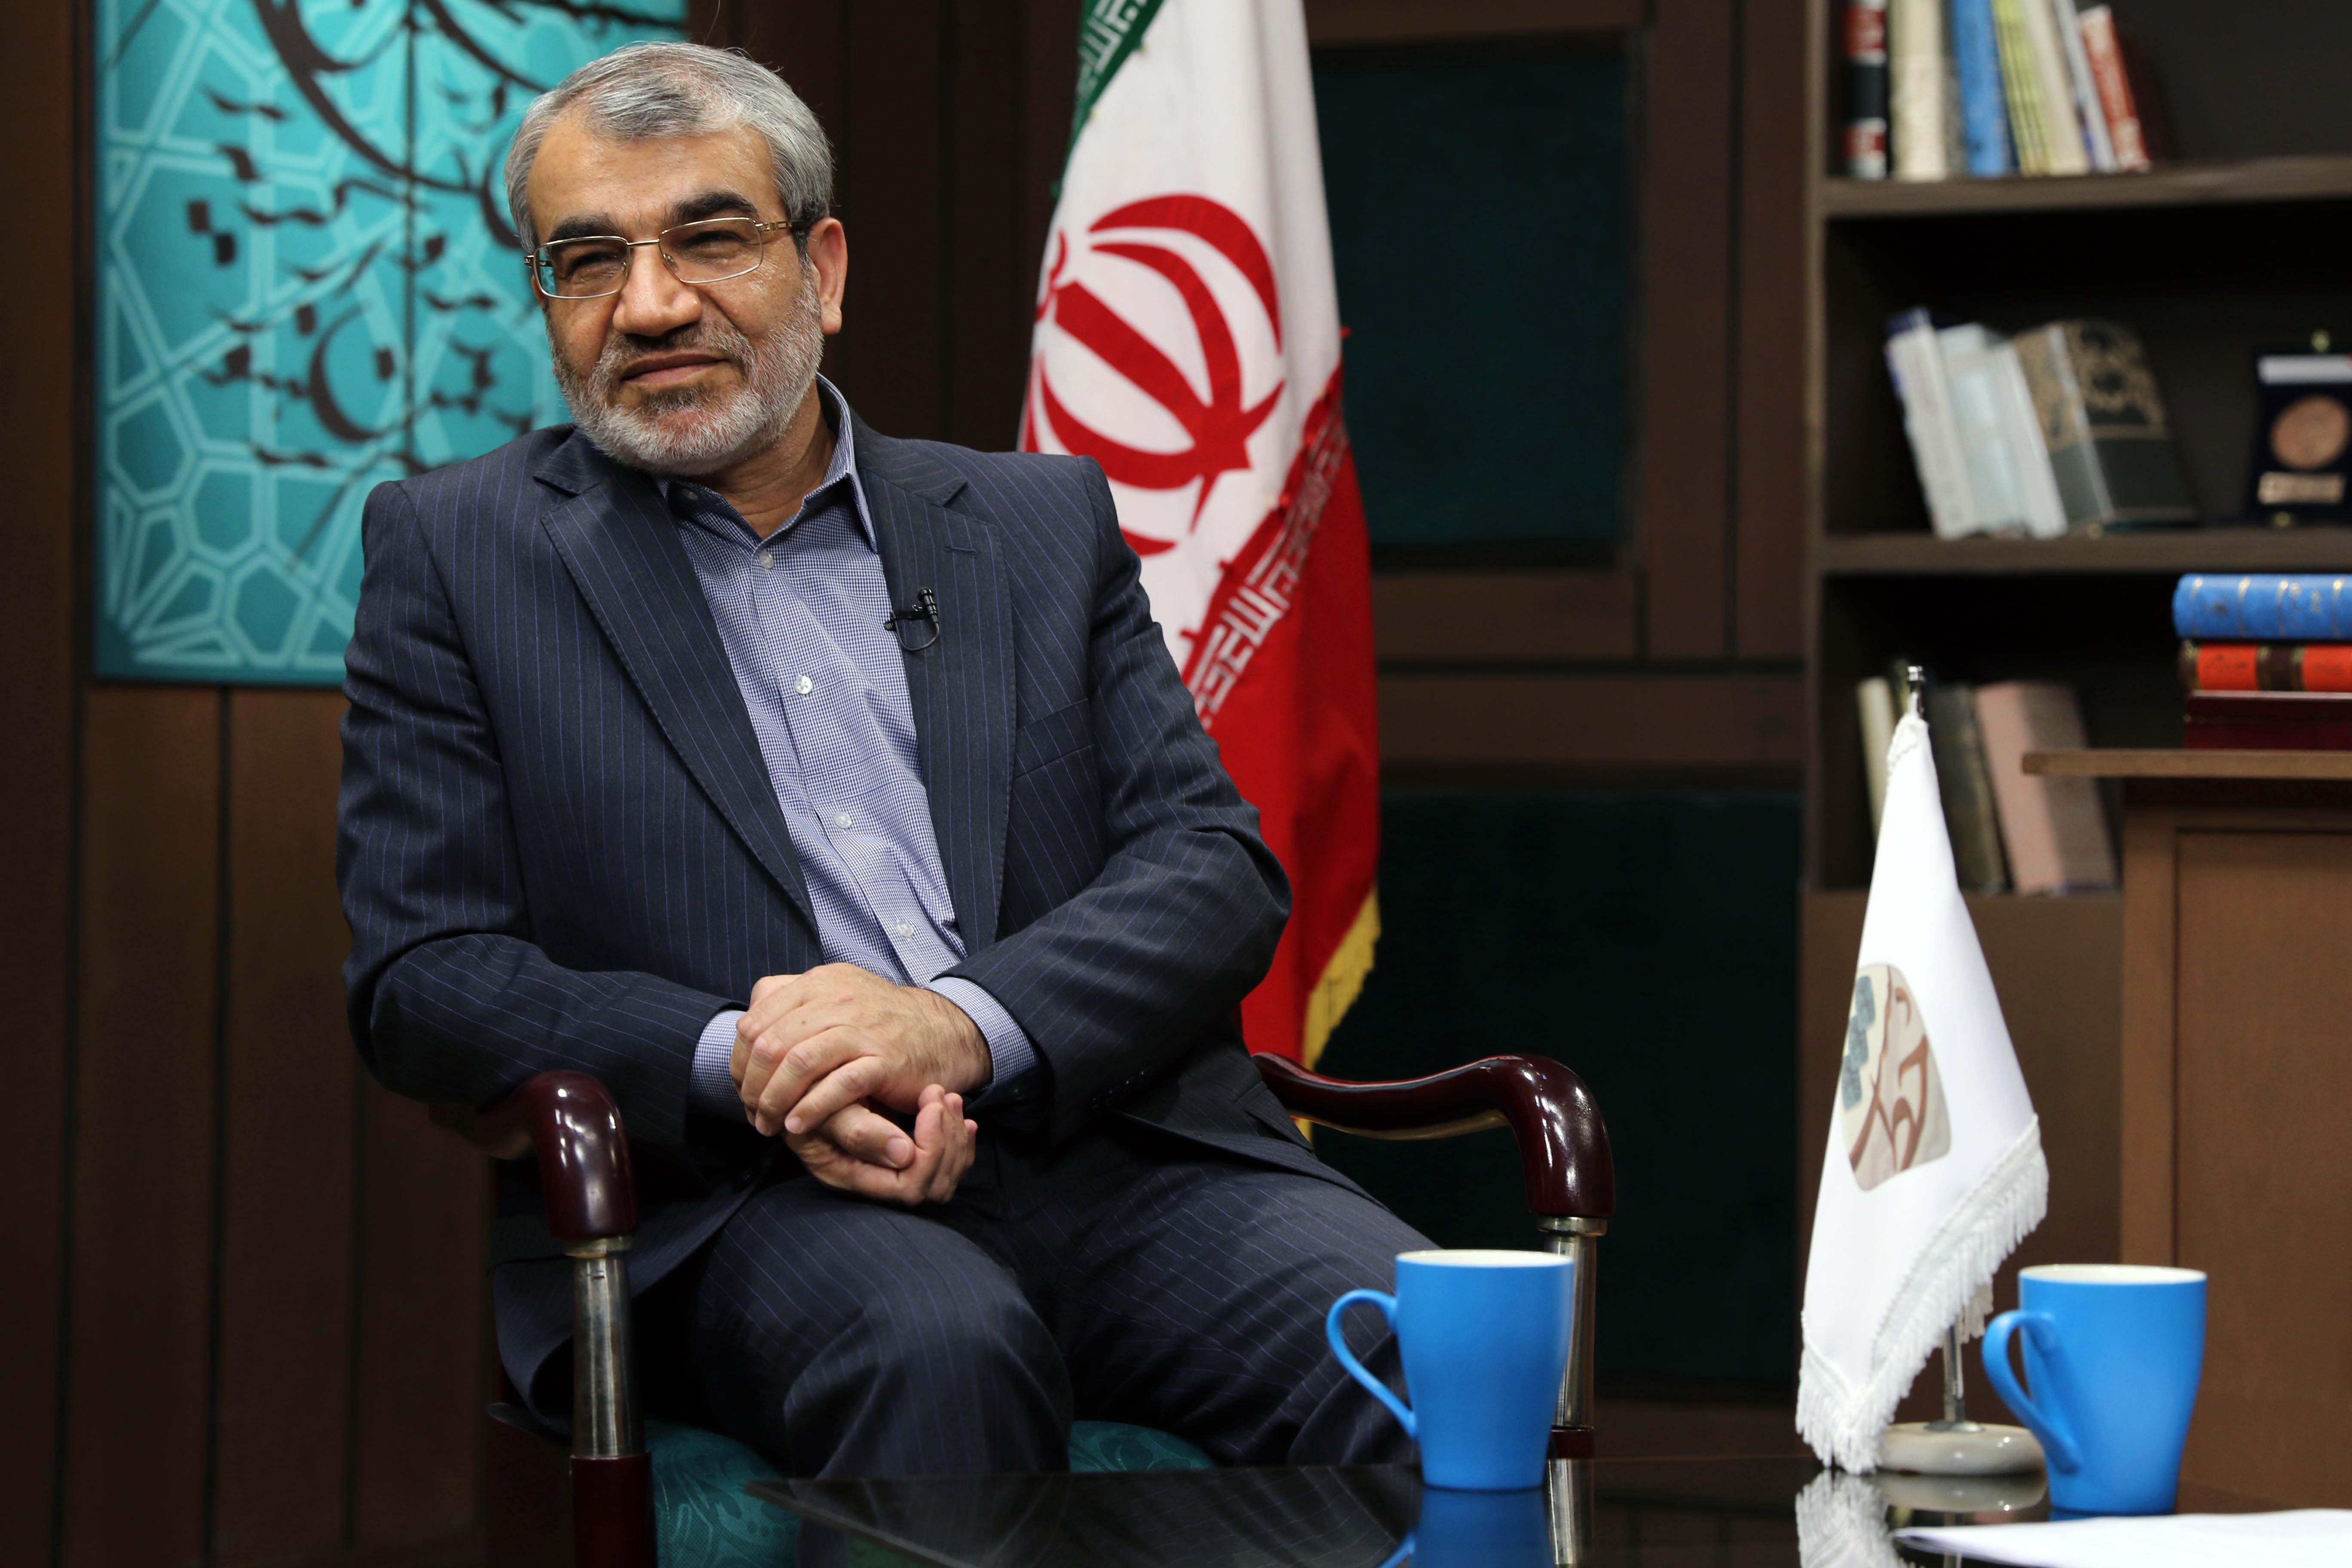 از طریق دکتر الهام به احمدینژاد پیغام دادیم که انصراف دهد/ حقوق اعضای شورای نگهبان